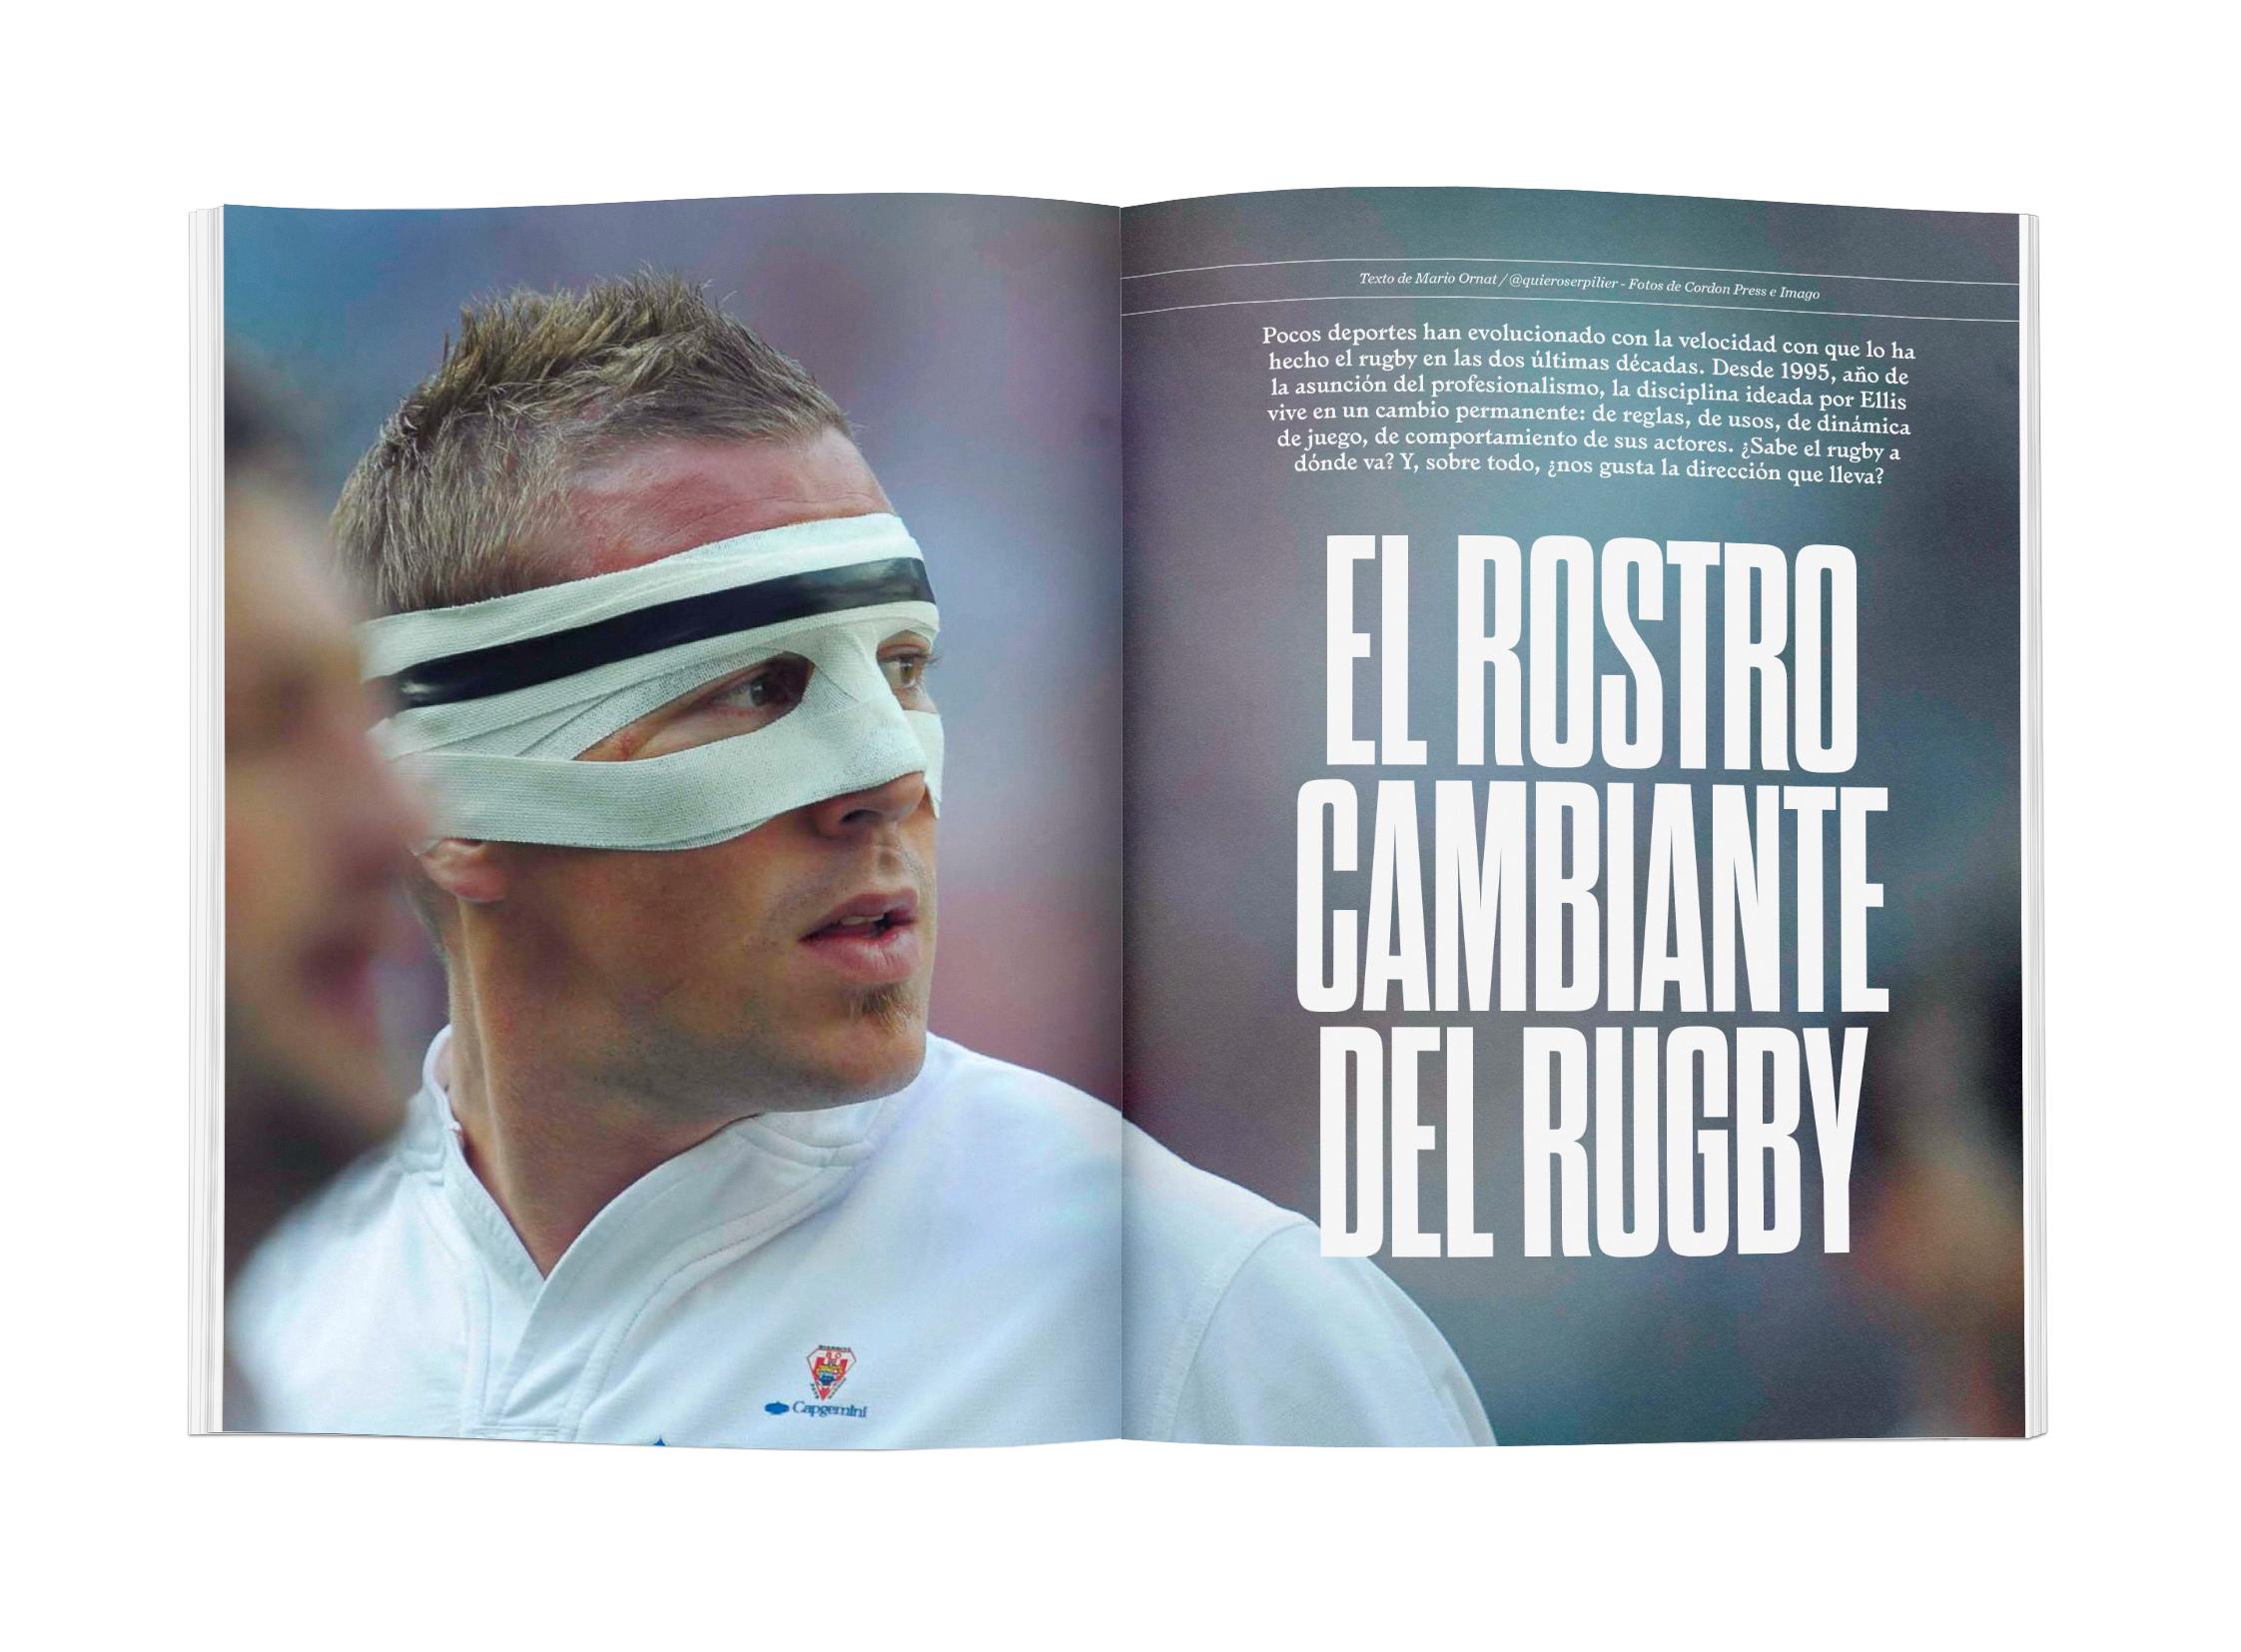 El rostro cambiante del rugby